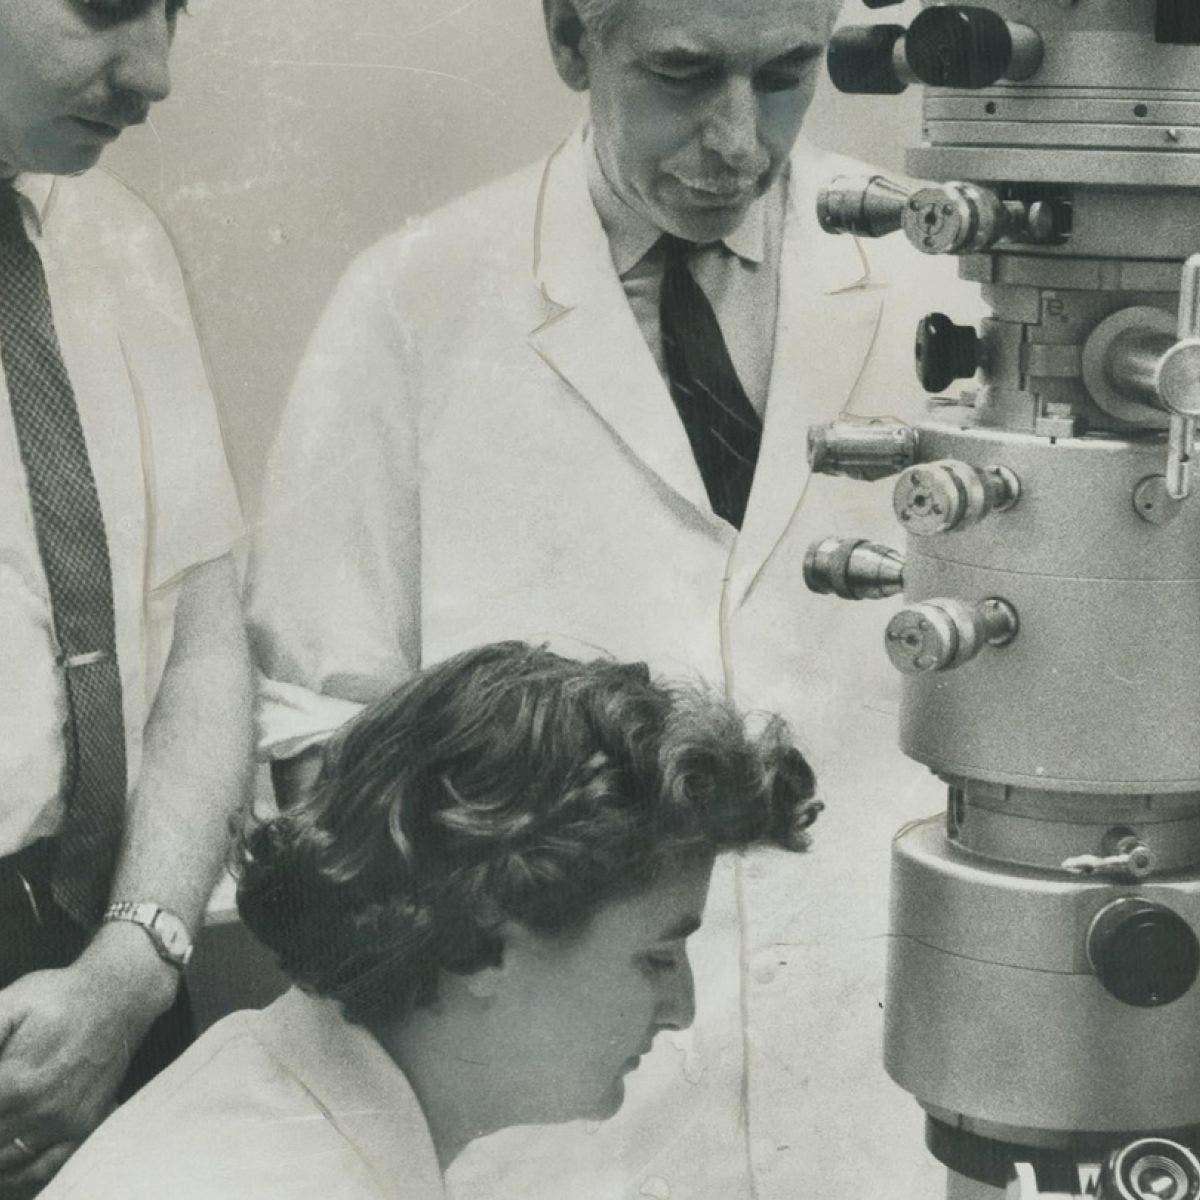 صورة لجون ألميدا داخل المختبر